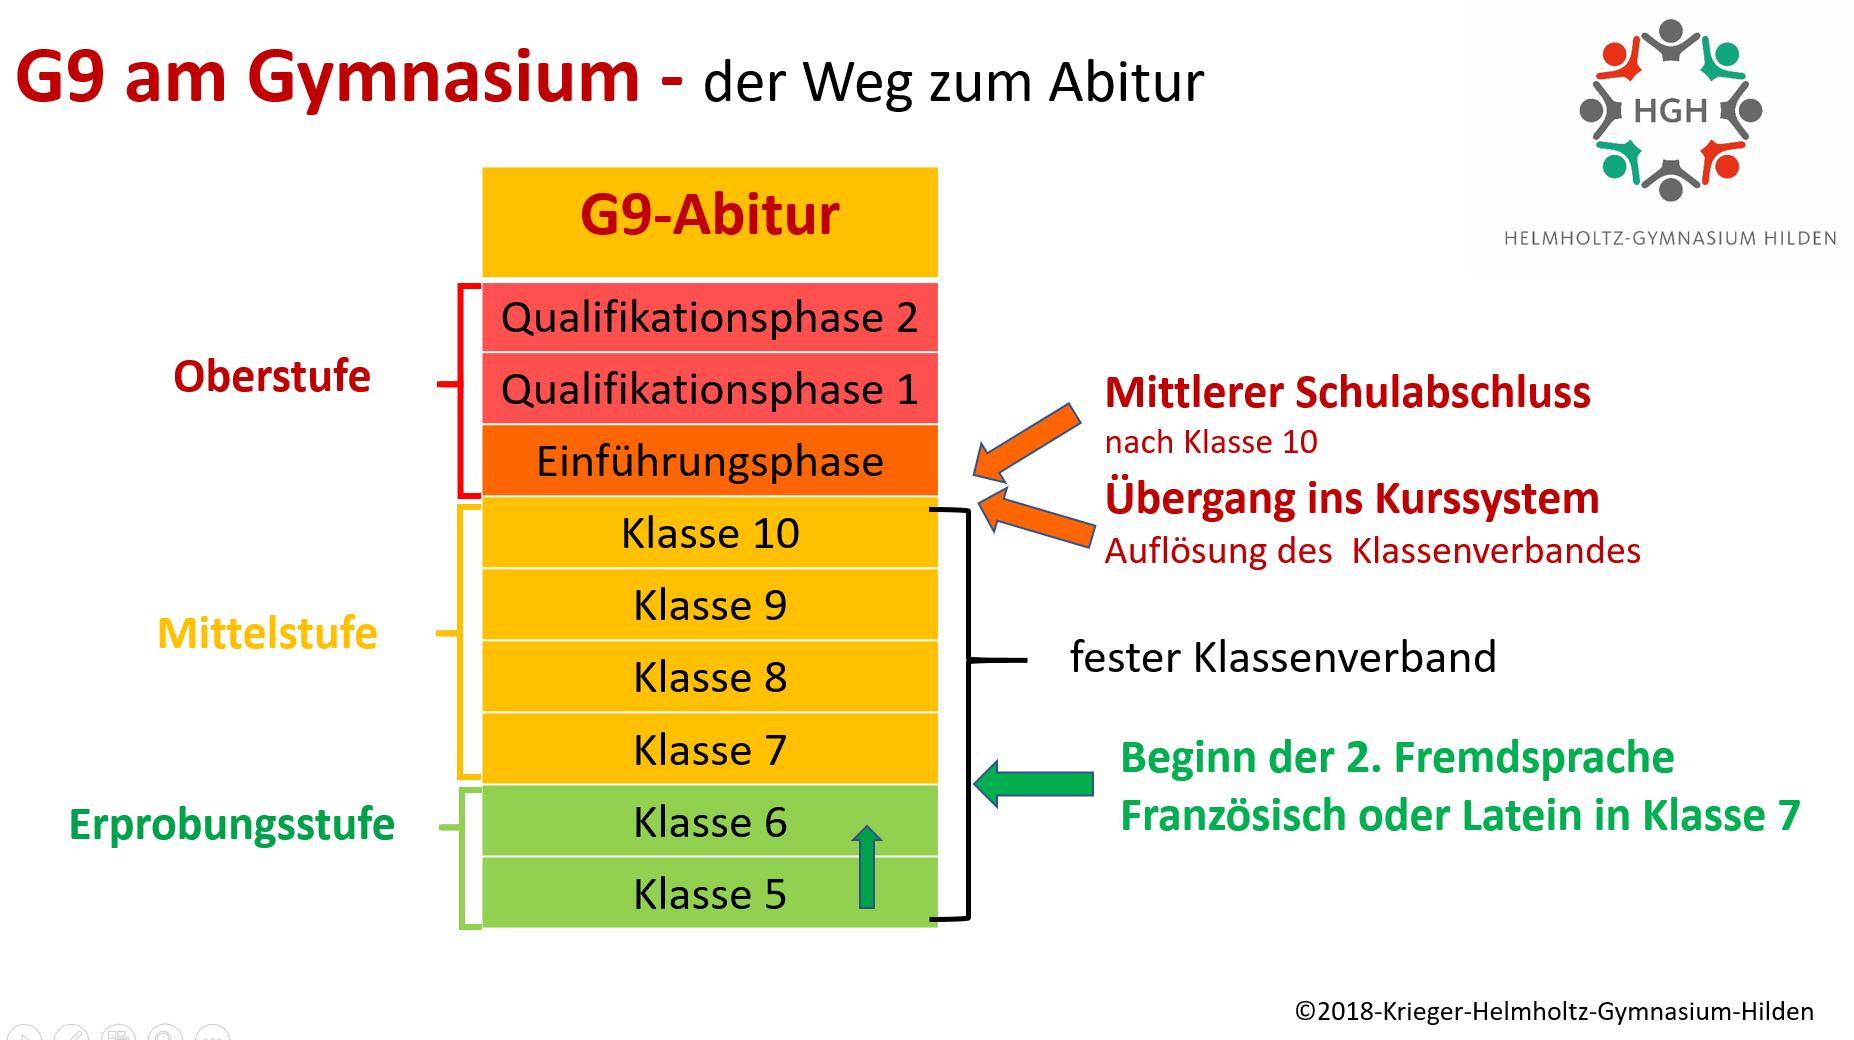 Grafik G9 am Gymnasium der Weg zum Abitur